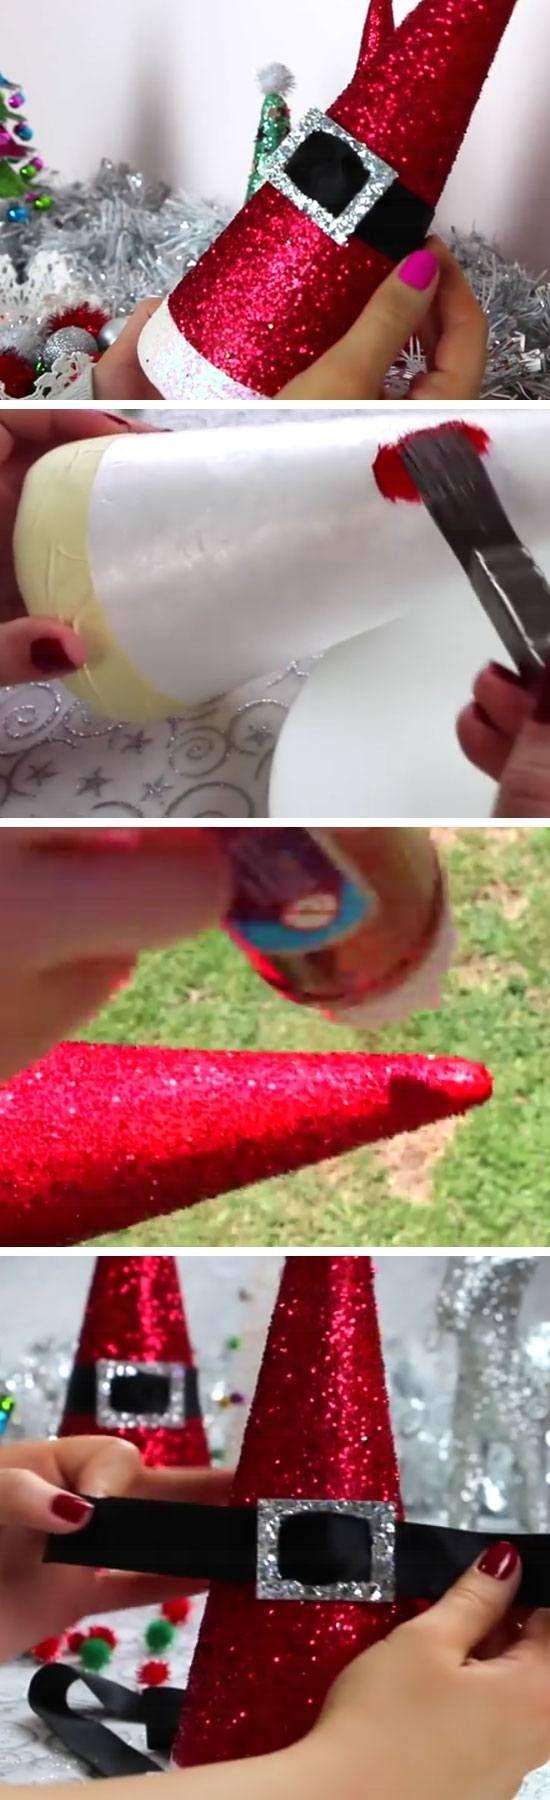 DIY chapéu de Santa Cones |  Dólar loja de bricolage Natal Idéias da decoração em um orçamento